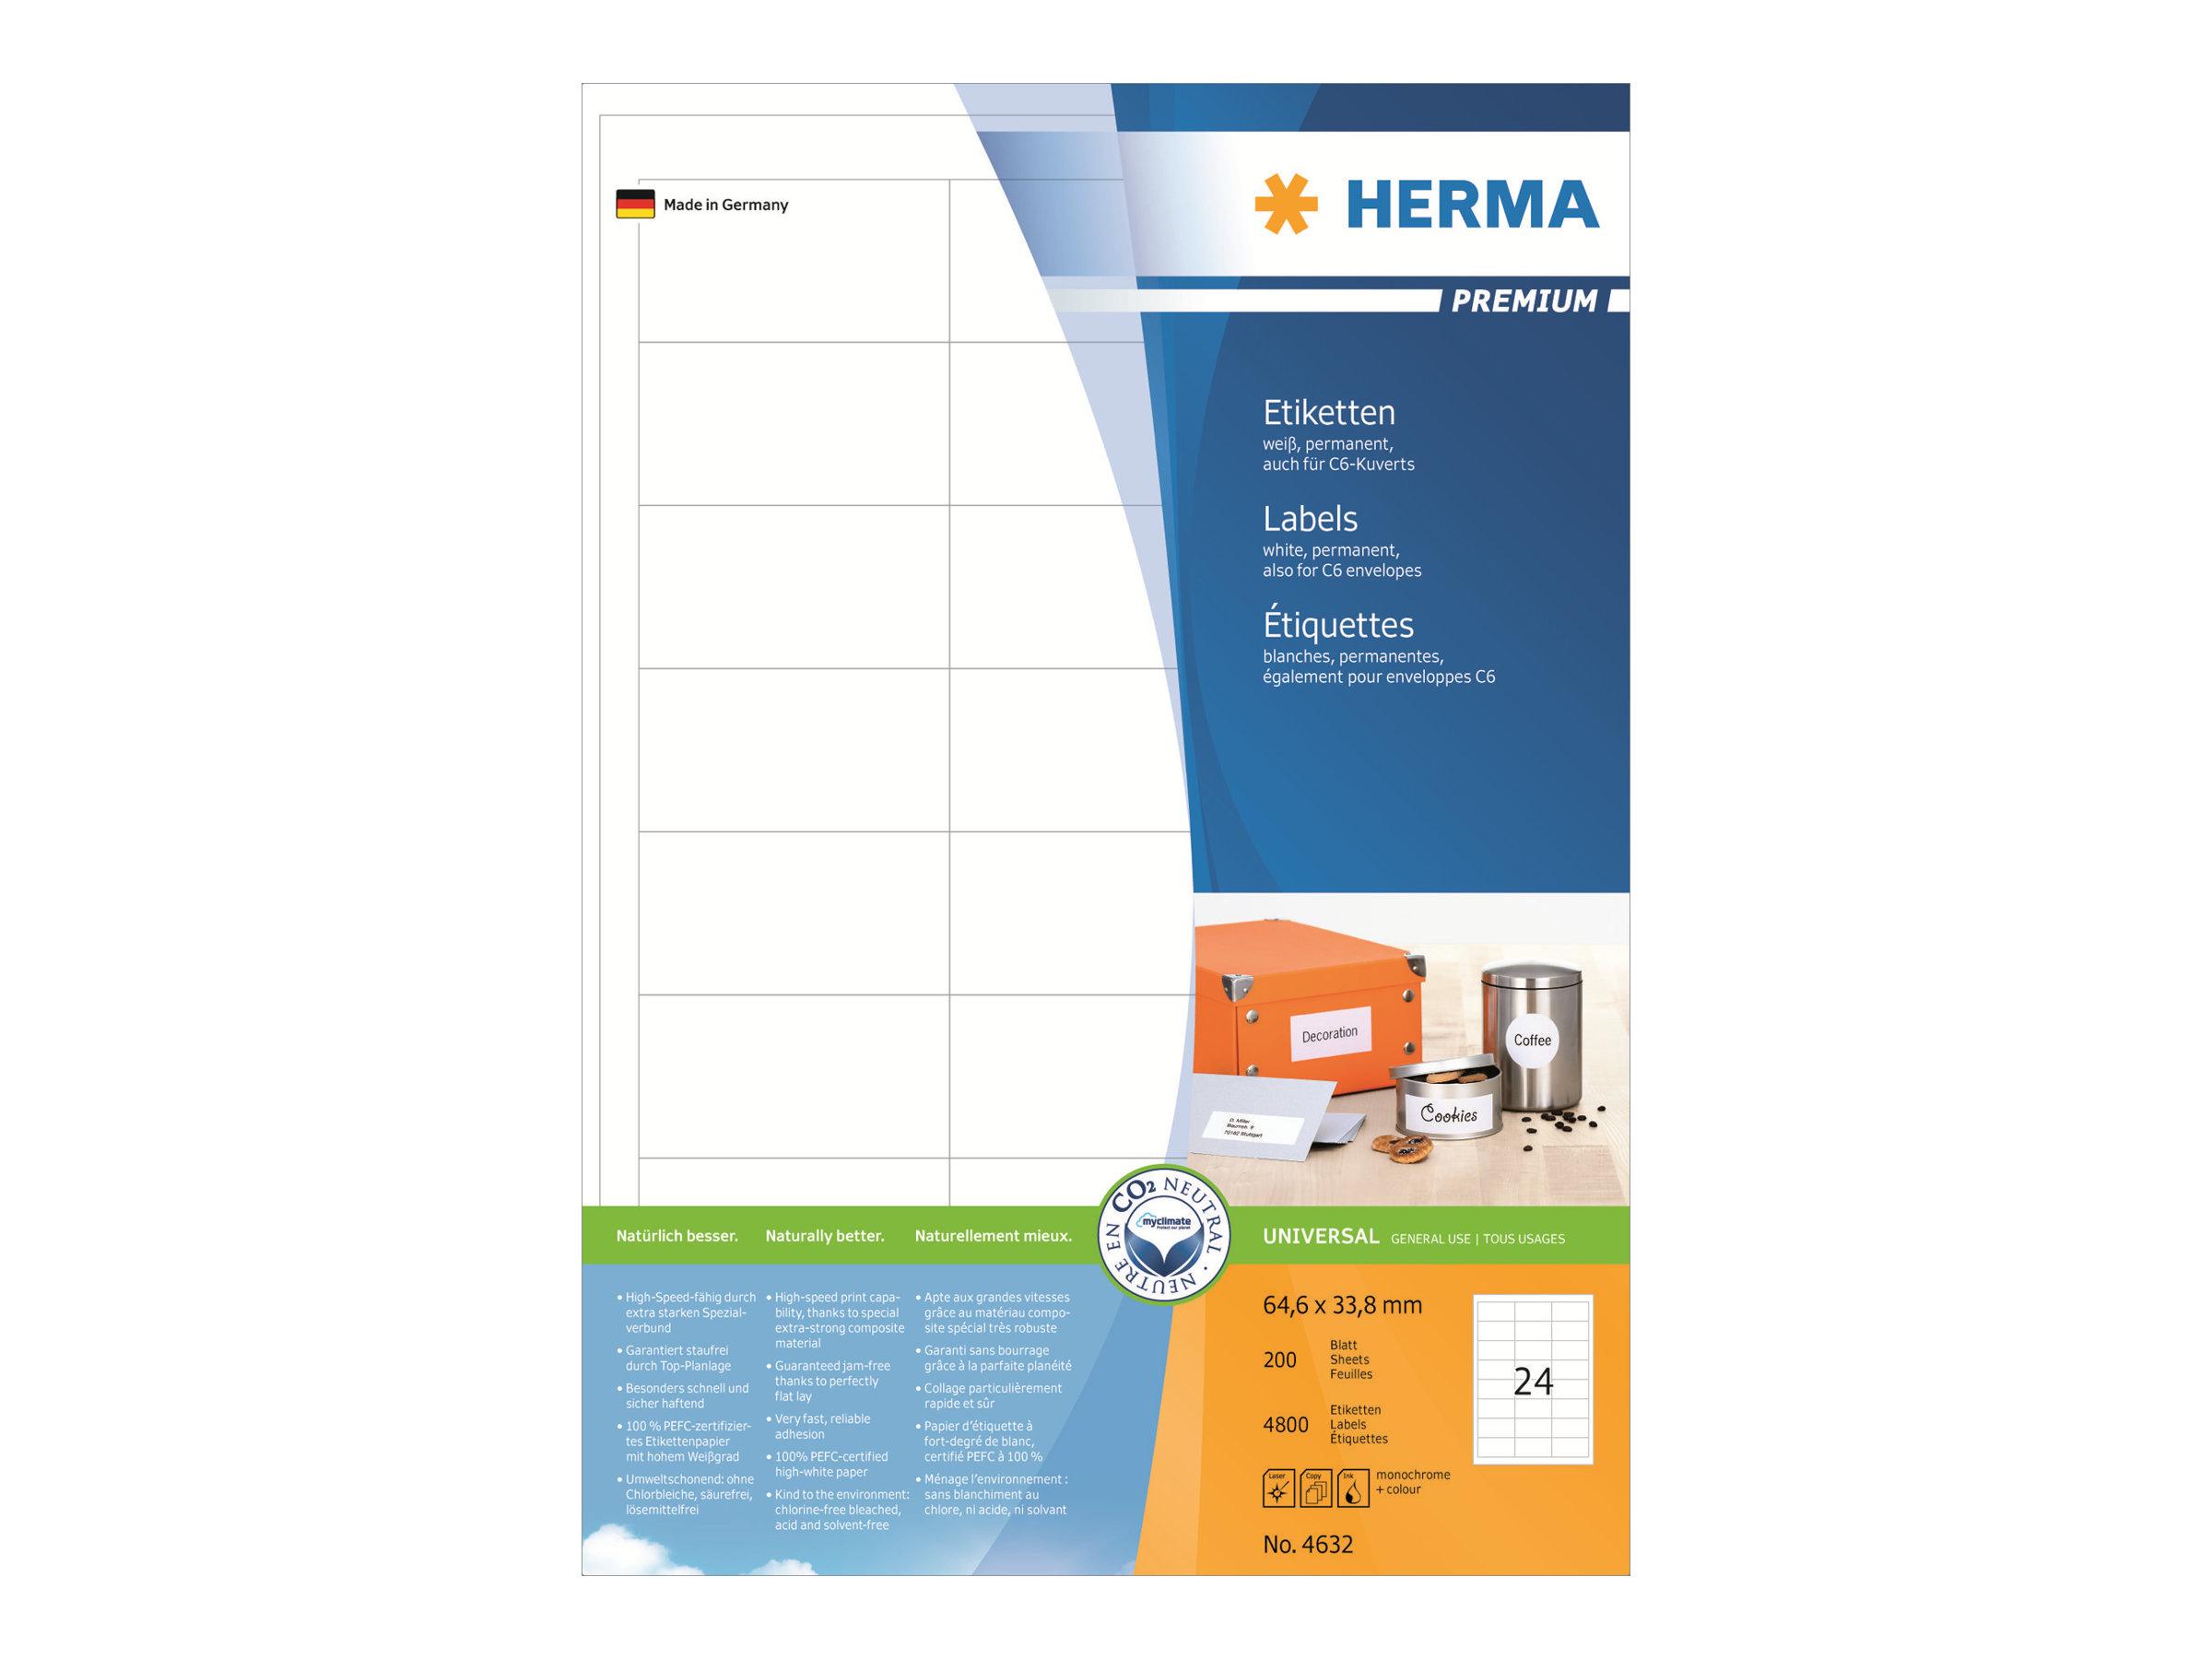 HERMA Premium - Papier - matt - permanent selbstklebend - weiß - 64.6 x 33.8 mm 4800 Etikett(en) (200 Bogen x 24)